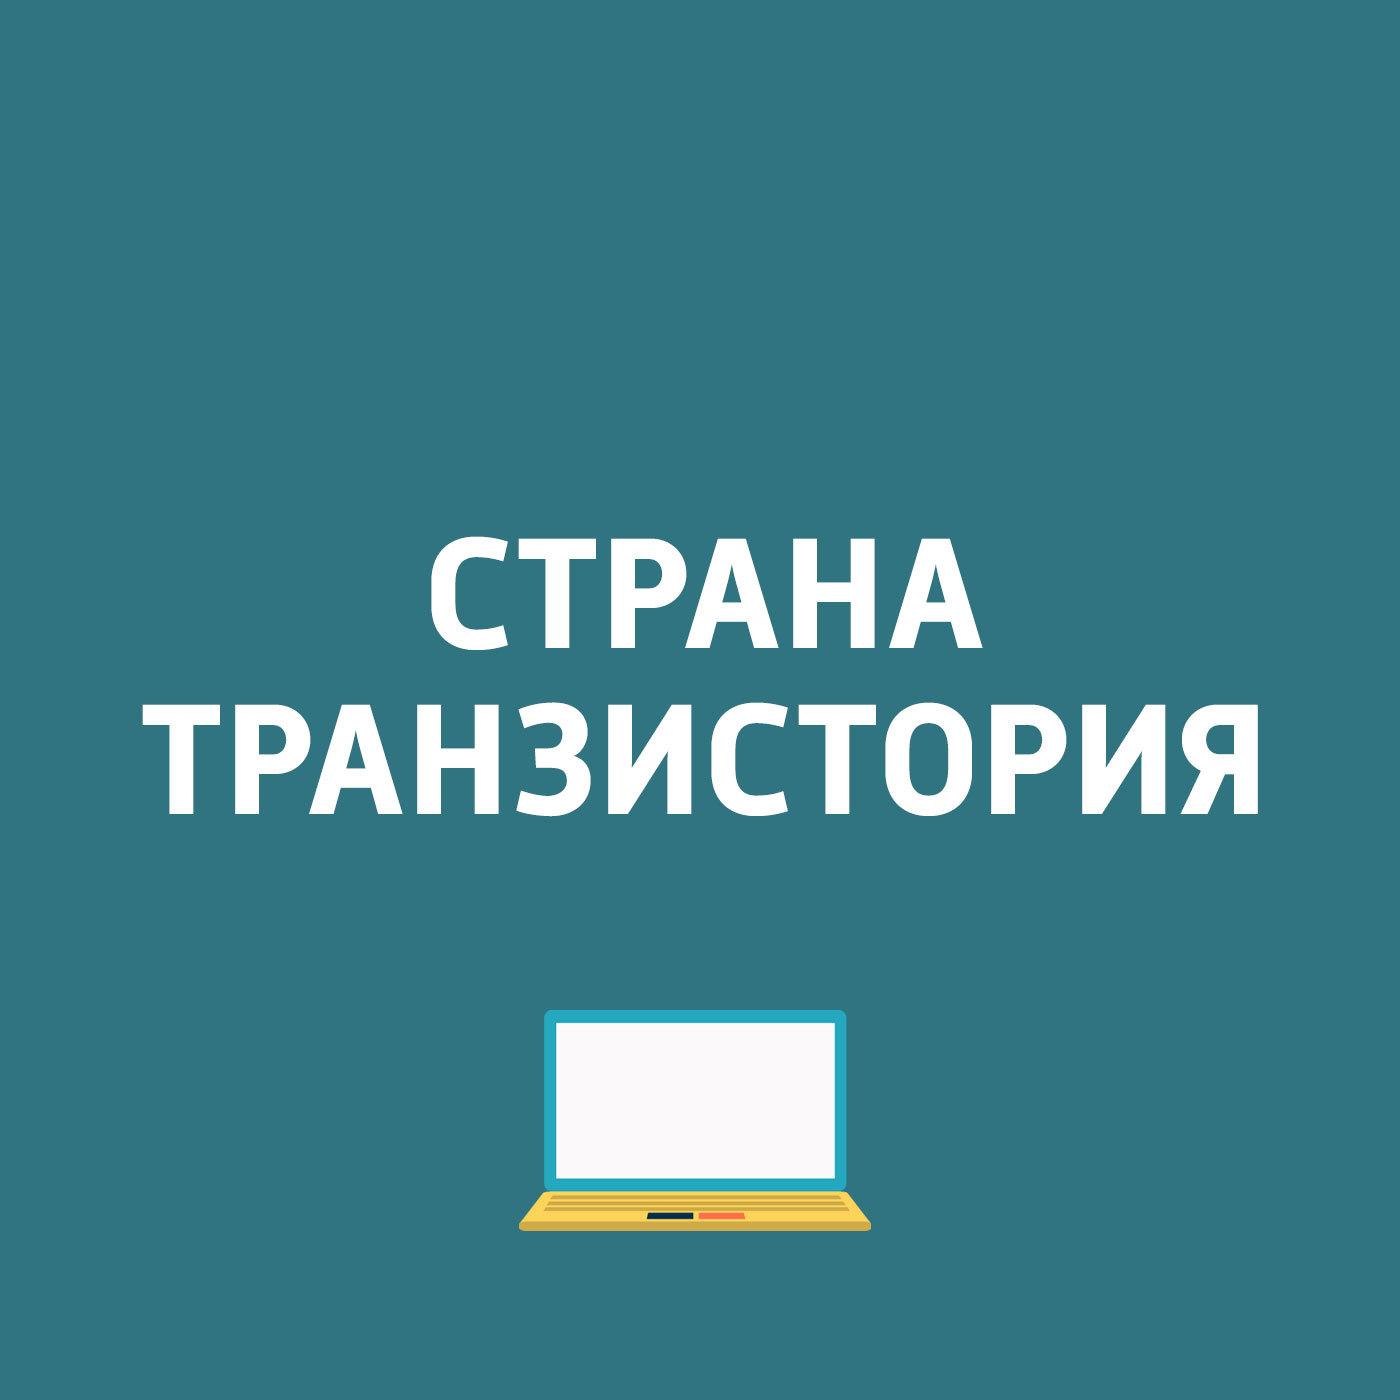 Картаев Павел Начало продаж Nokia 8110 4G; ASUS представила новые игровые ноутбуки; Apple анонсировала iOS 12 дешевые ноутбуки в москве